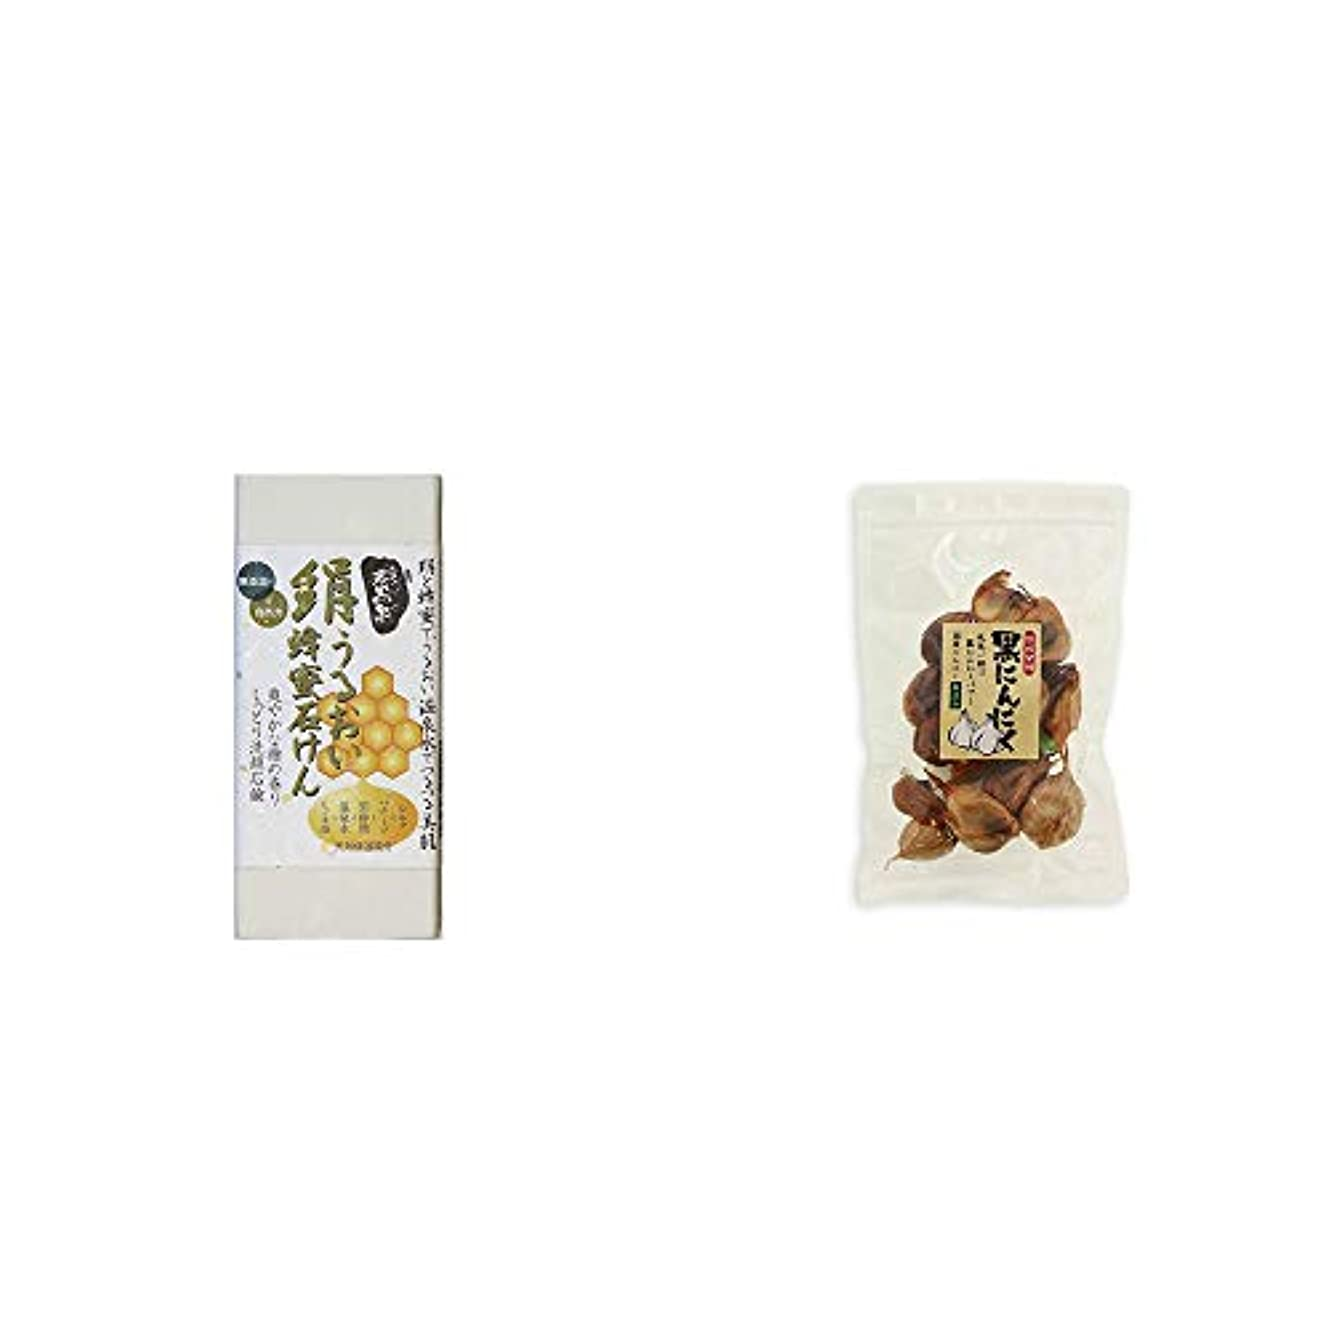 ローン霊対人[2点セット] ひのき炭黒泉 絹うるおい蜂蜜石けん(75g×2)?熟成発酵 黒にんにく(120g)